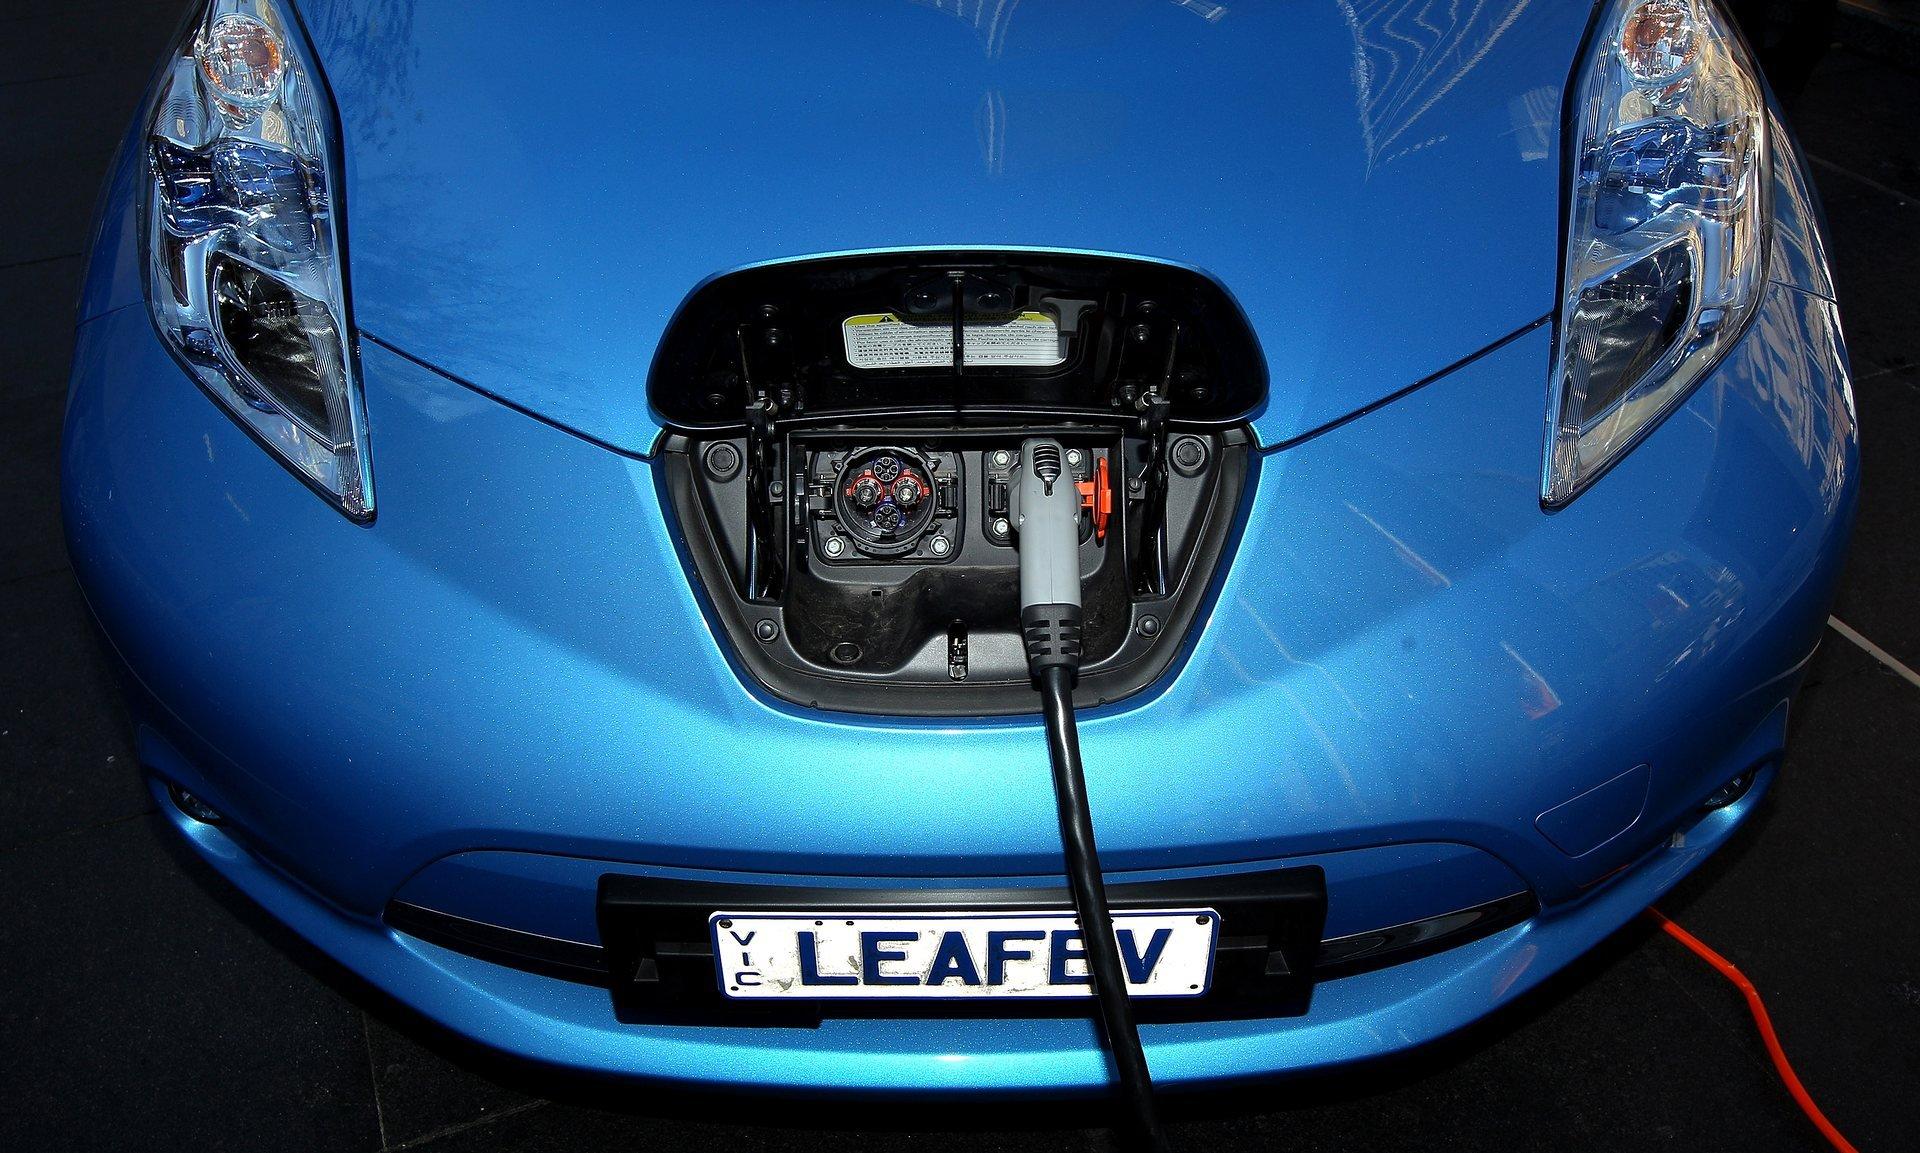 bloomberg электромобили станут дешевле бензиновых исследование tesla новости технологии автомобили отвратительные мужики